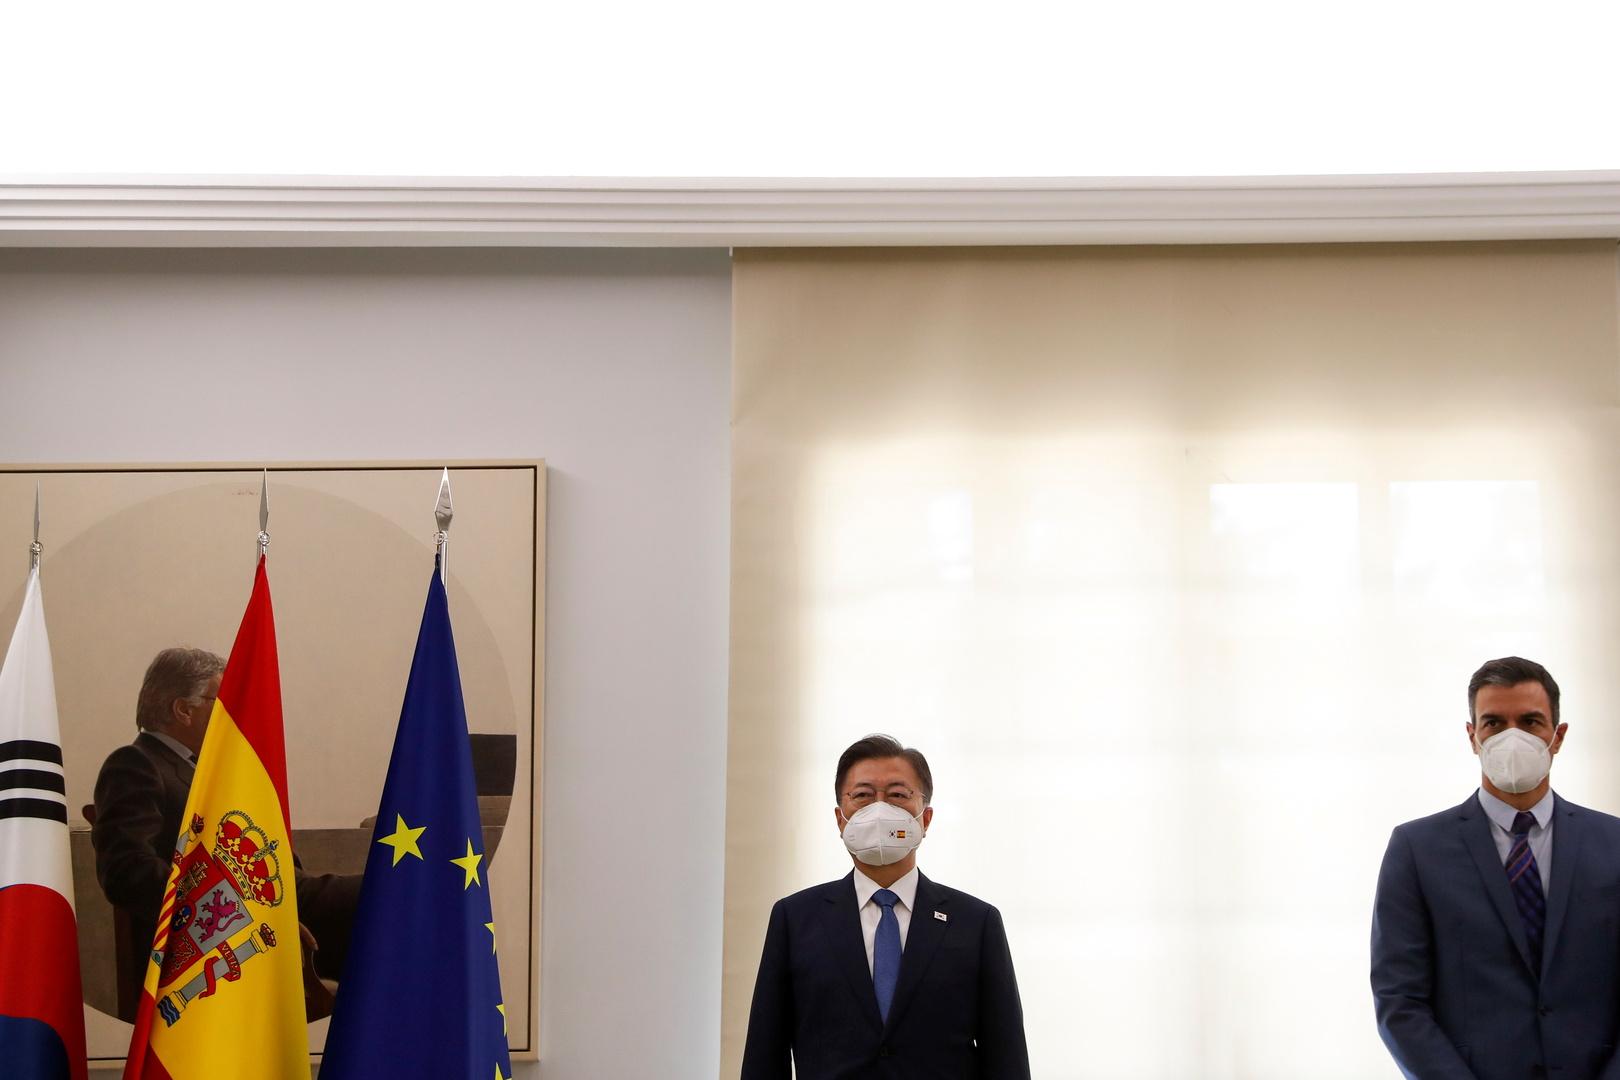 رئيس الوزراء الإسباني بيدرو سانشيز والرئيس الكوري الجنوبي مون جيه إن